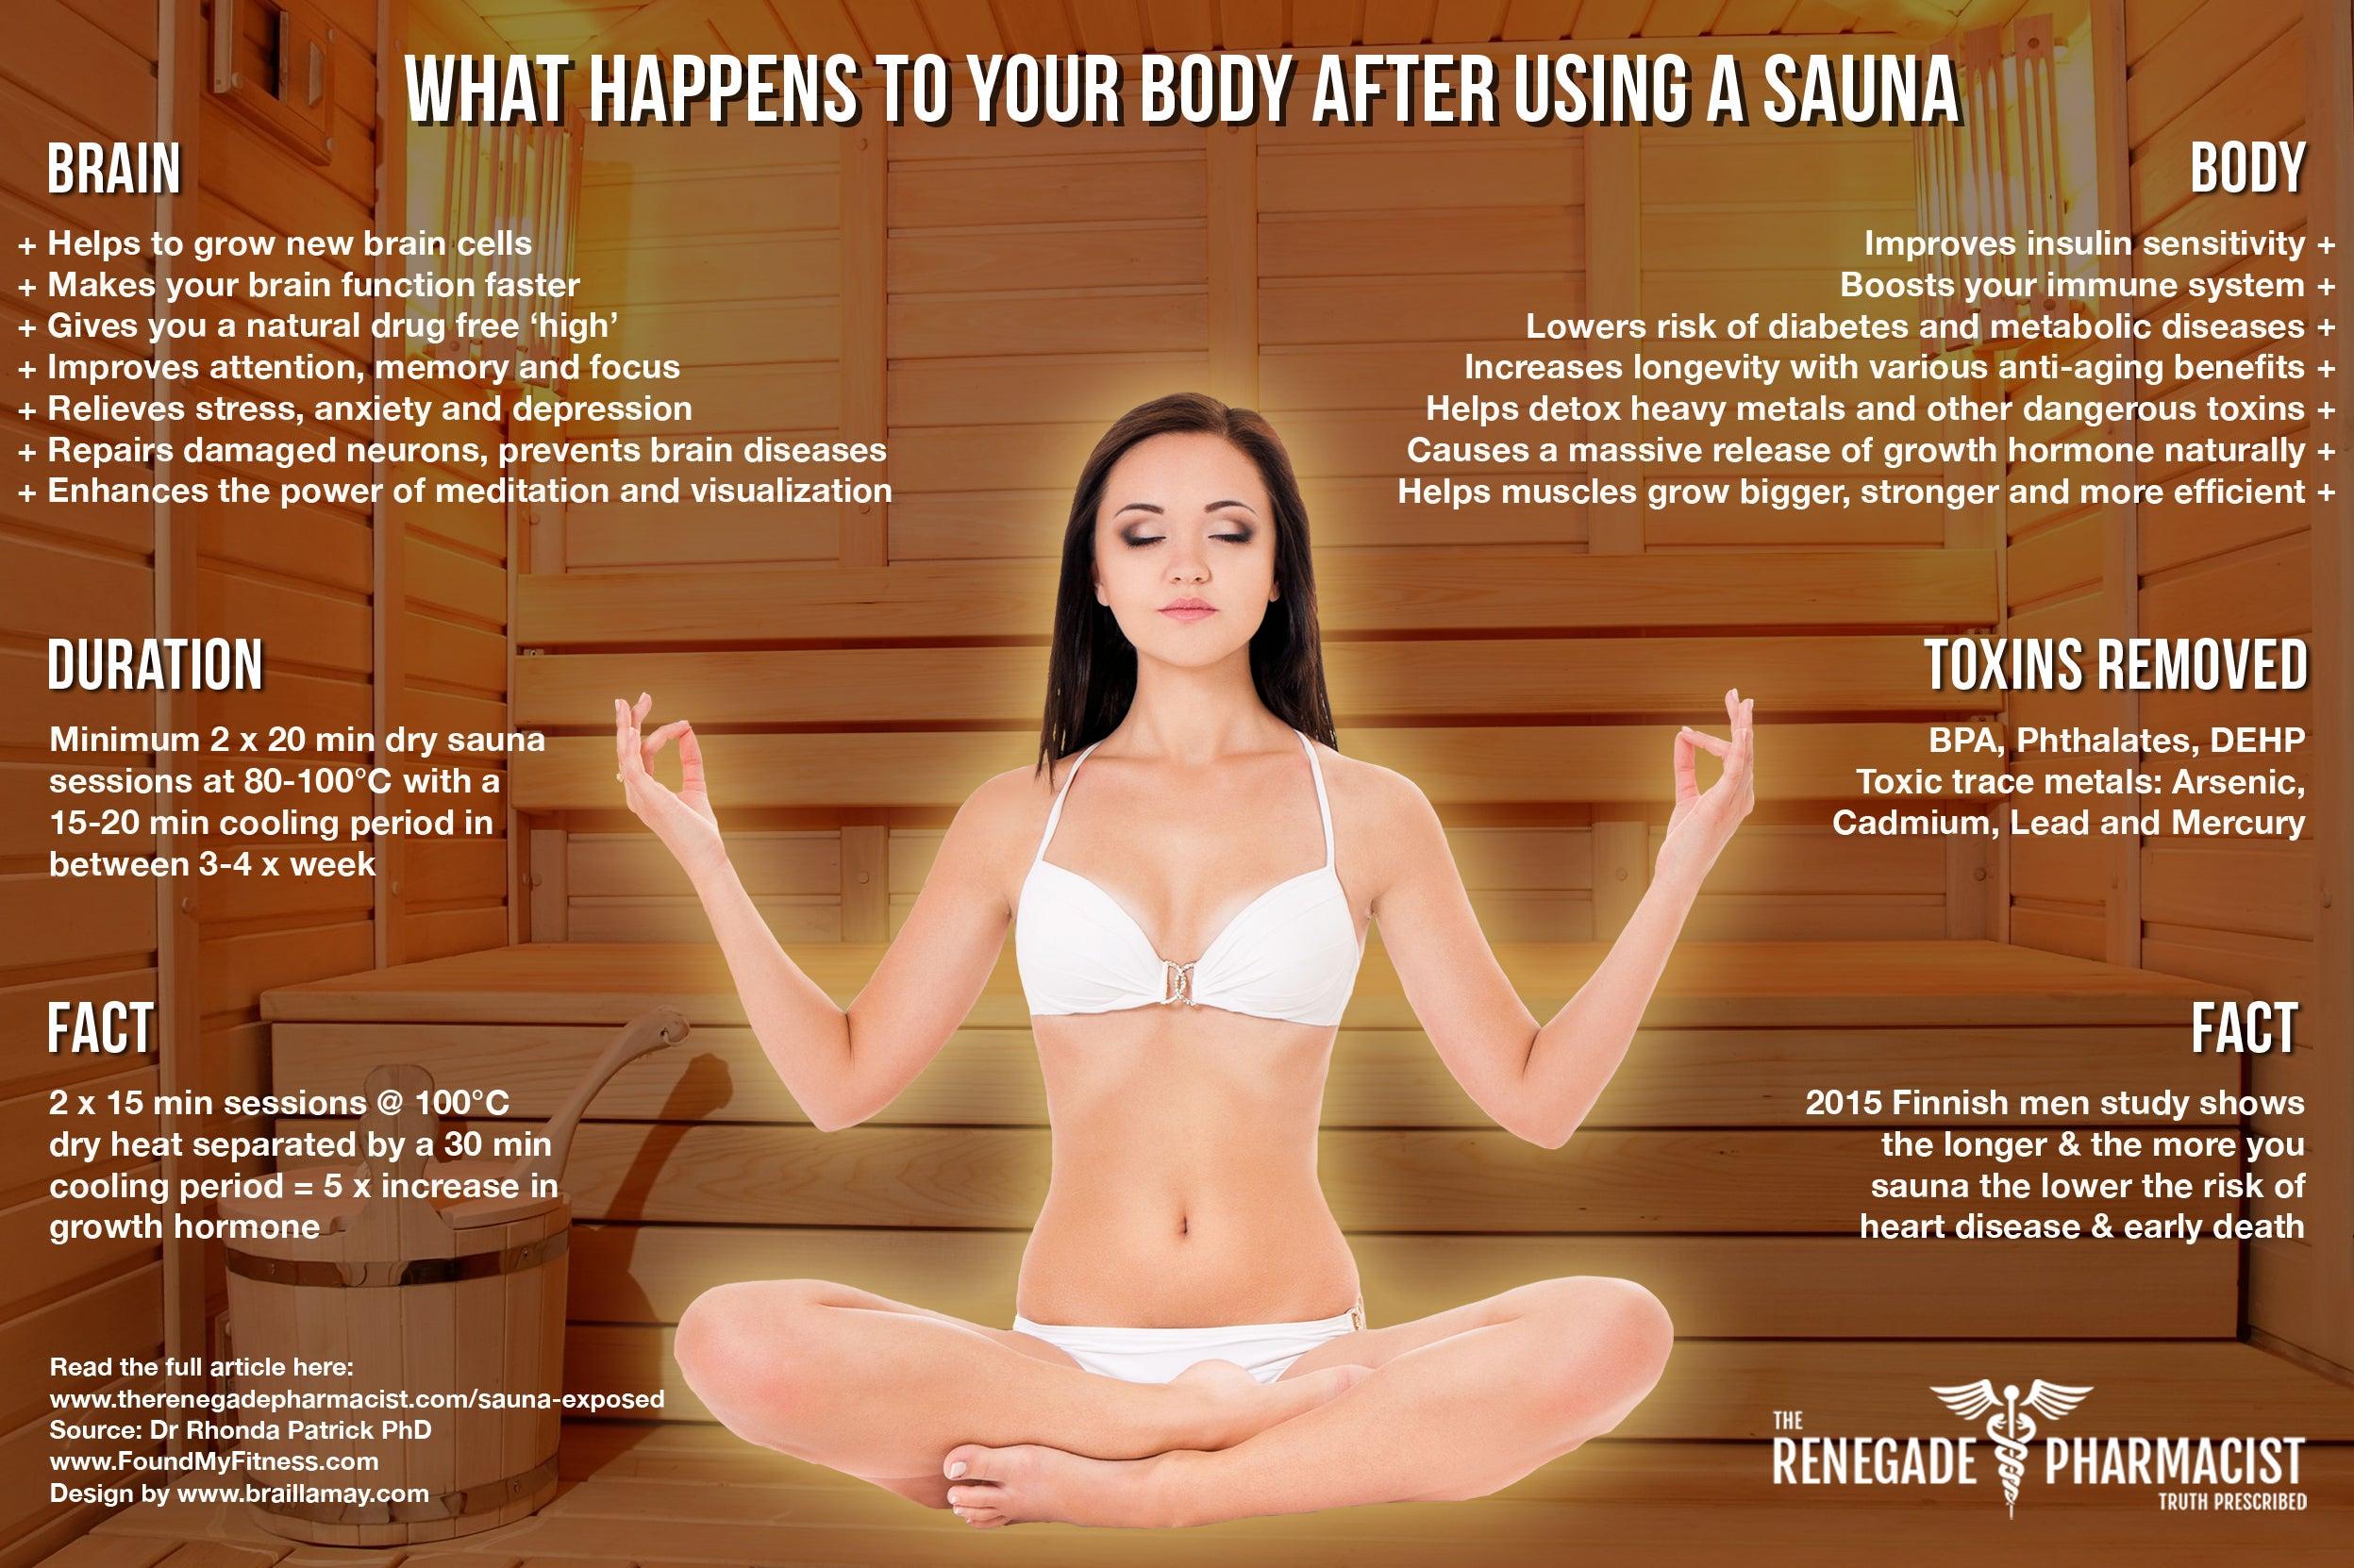 After using a Sauna